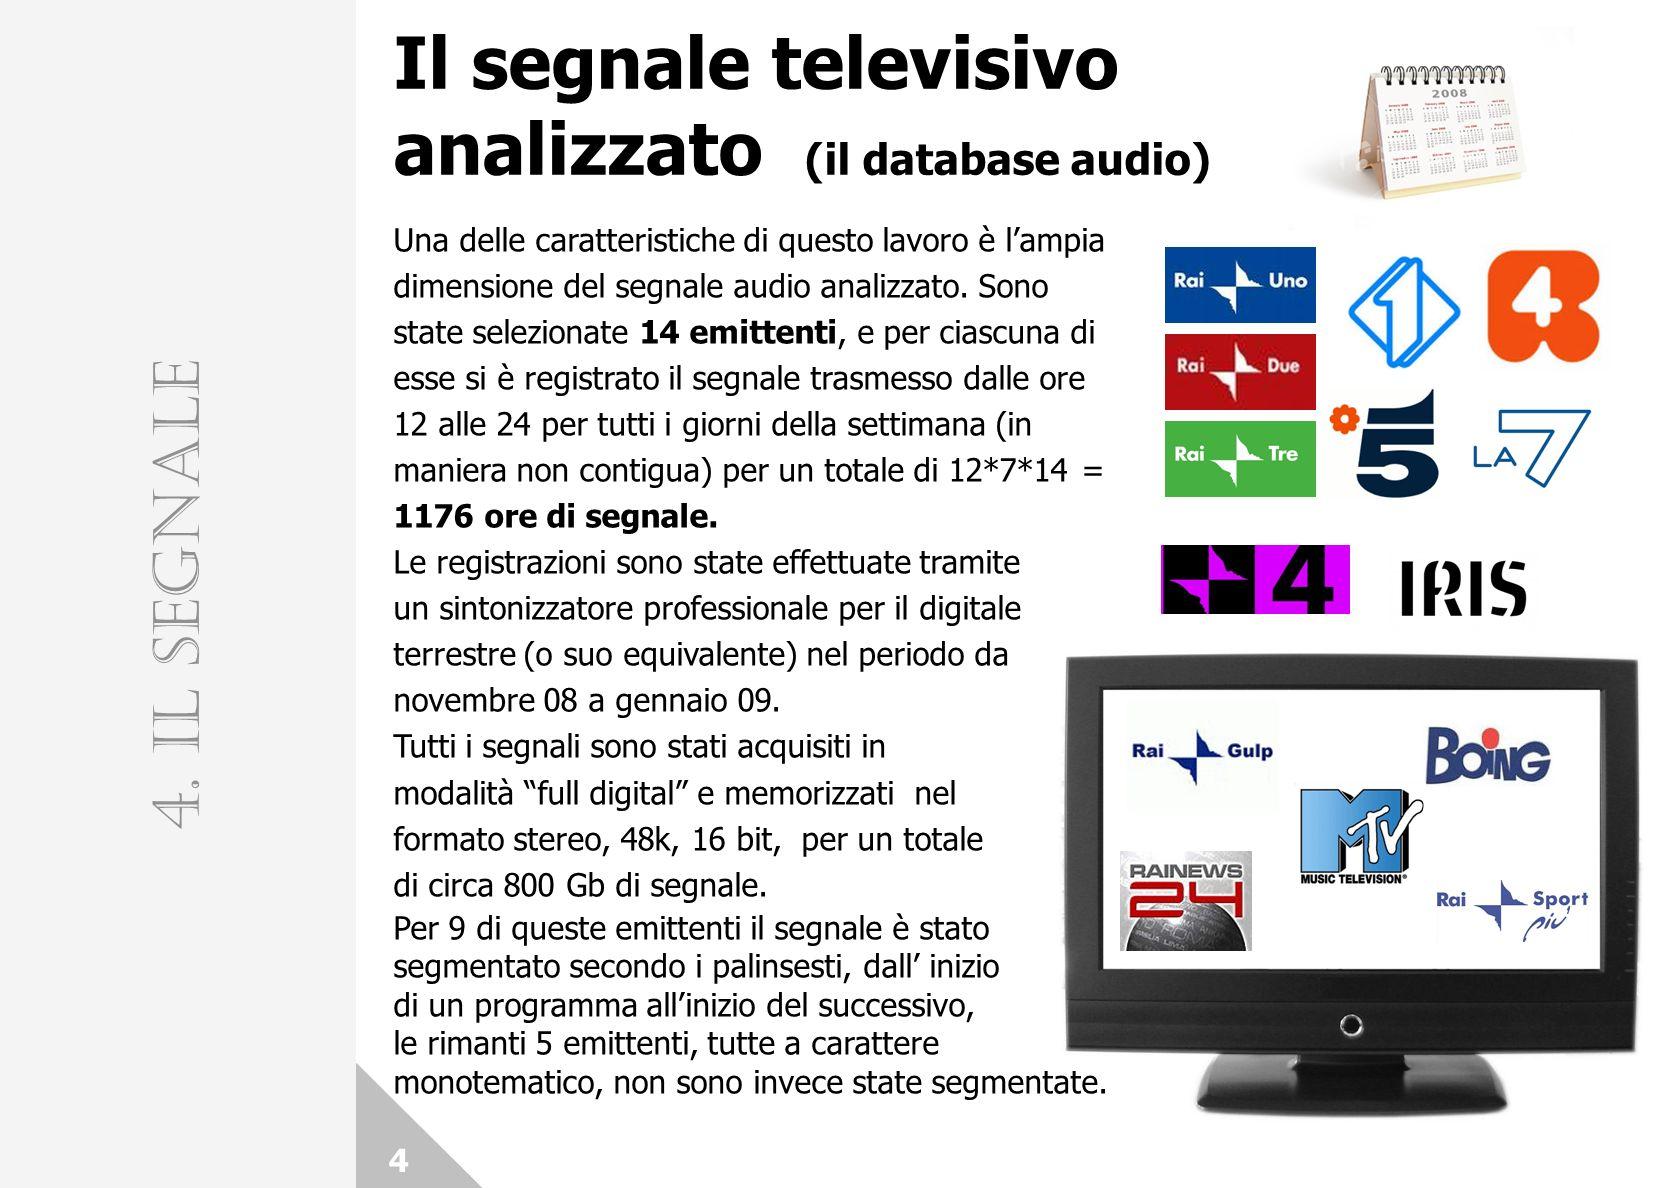 Il segnale televisivo analizzato (il database audio)